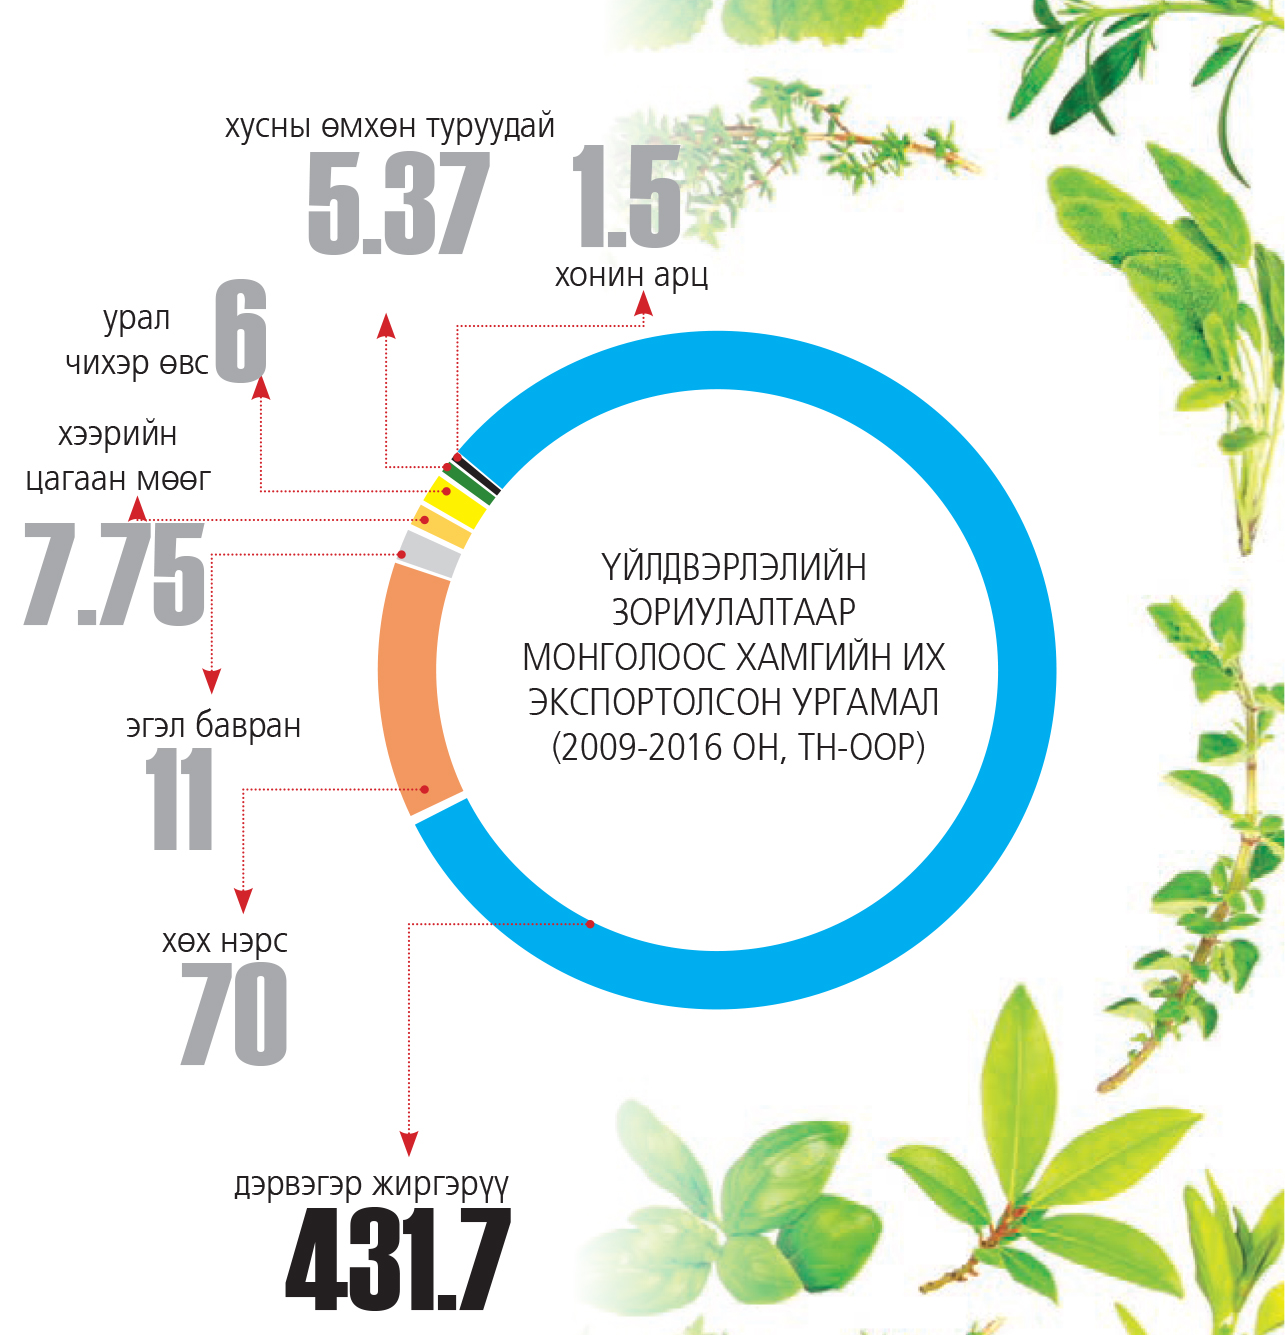 info504 Эм үйлдвэрлэгчдийн онилсон Монголын баялаг